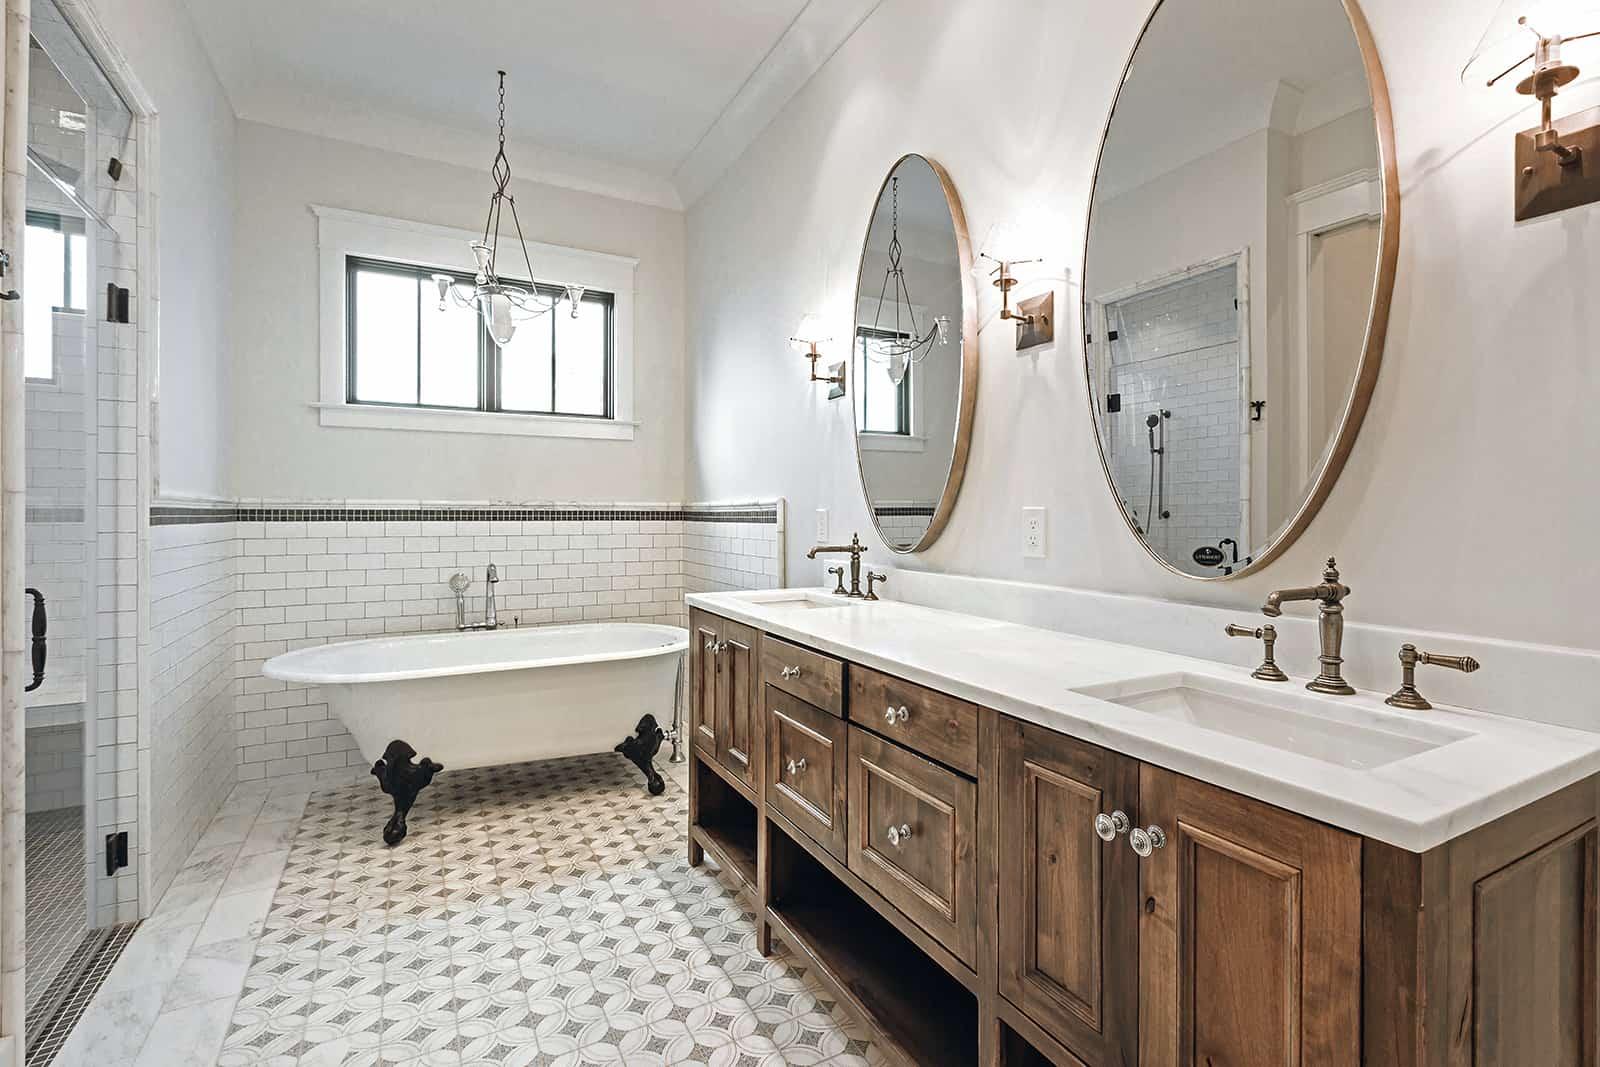 Ventana - HR - Bronze - Bathroom Floor